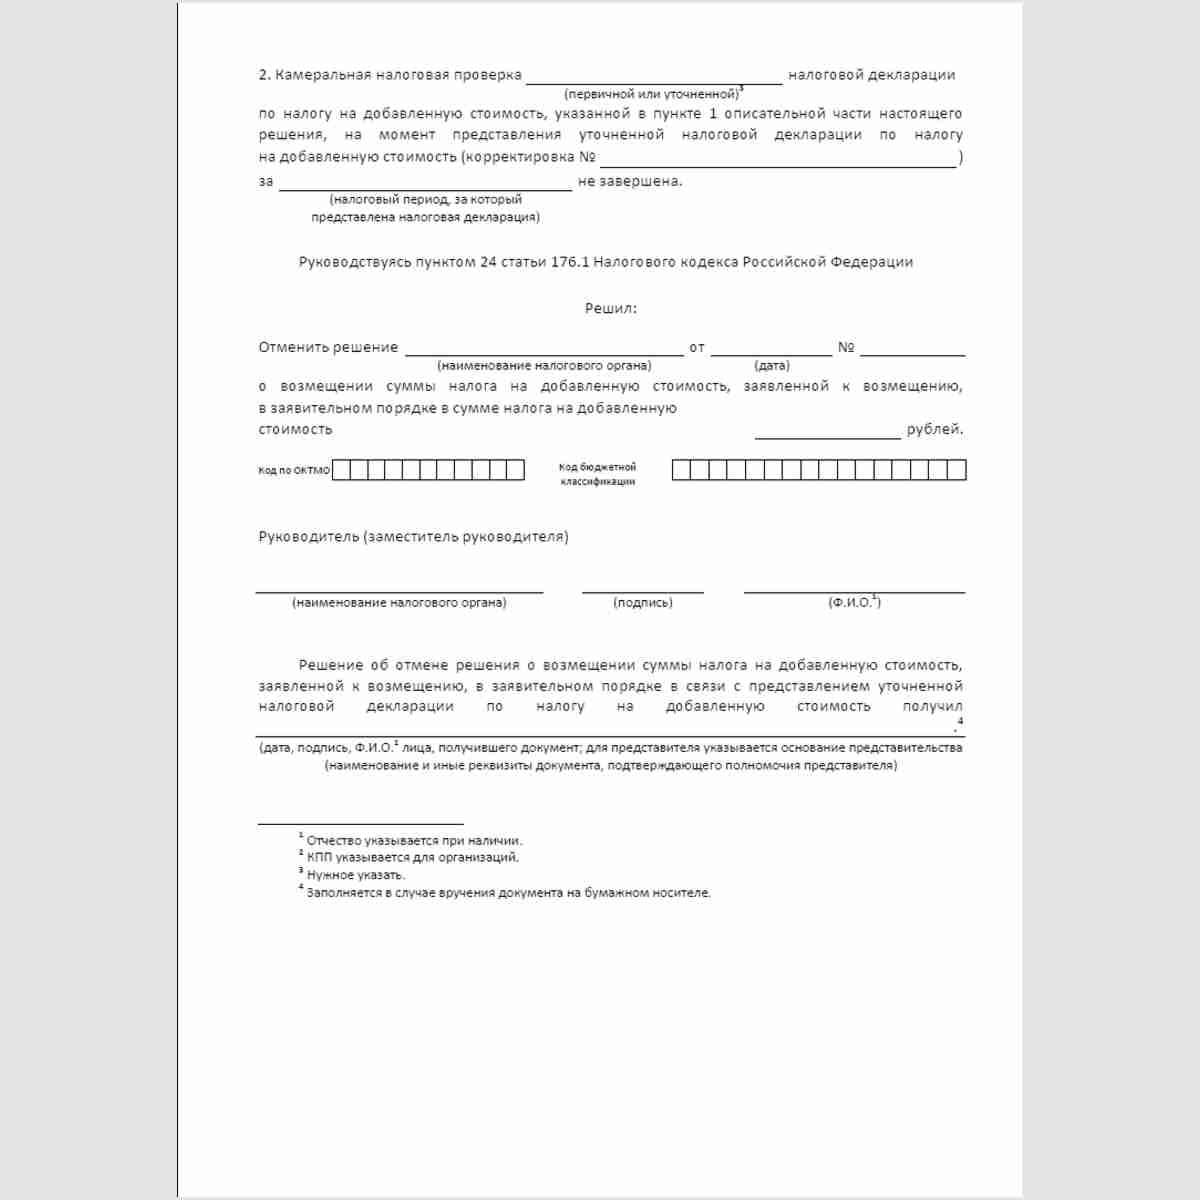 """Форма КНД 1165030 """"Решение об отмене решения о возмещении суммы налога на добавленную стоимость, заявленной к возмещению, в заявительном порядке в связи с представлением уточненной налоговой декларации по налогу на добавленную стоимость"""". Стр. 2"""